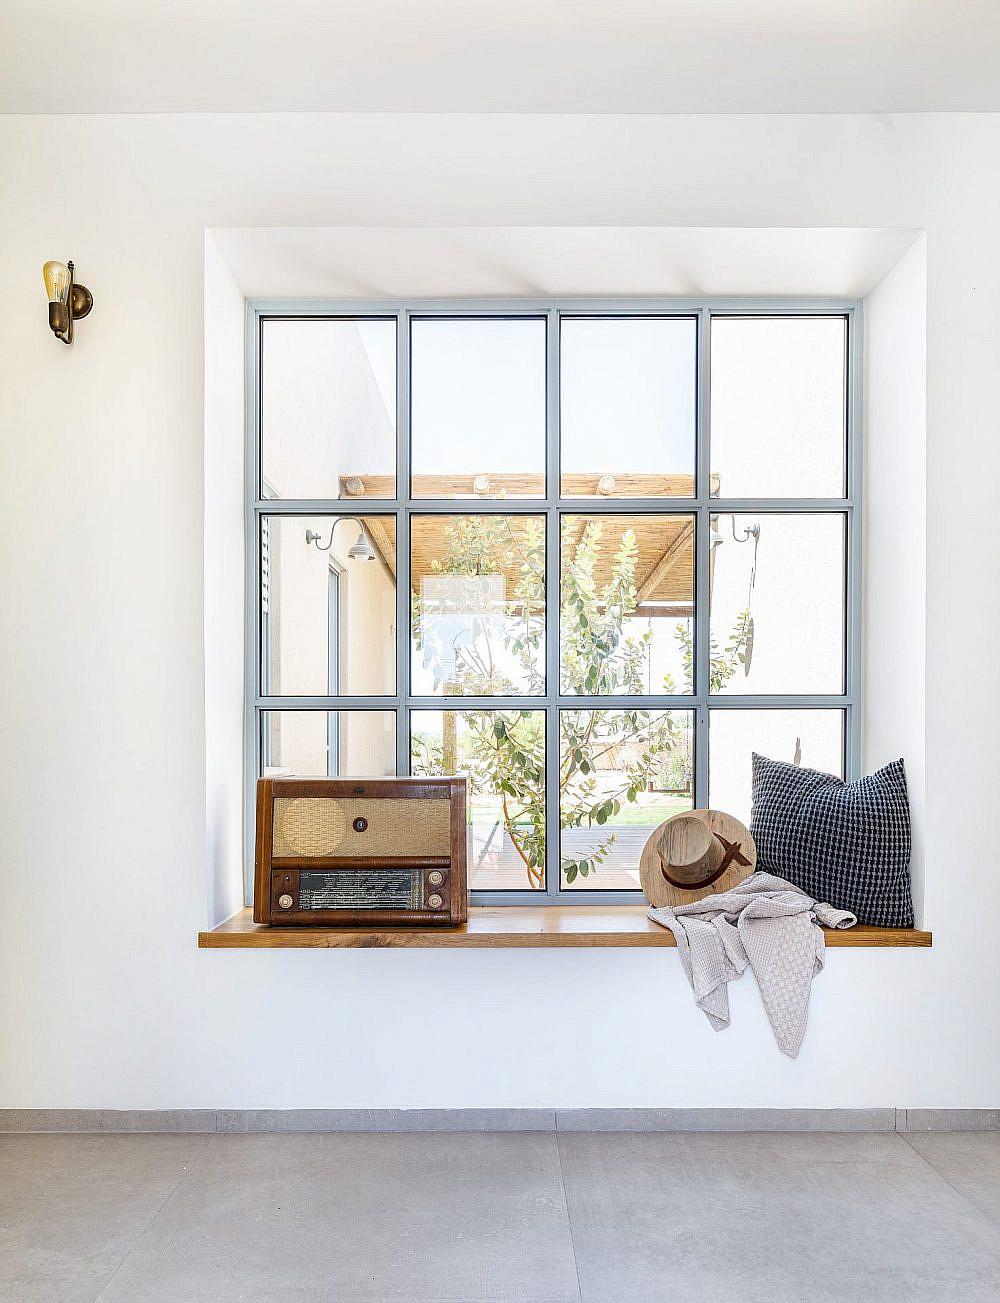 בית במושב פארן | עיצוב פנים: מיכל סמץ, צילום: אורית ארנון, סטיילינג לצילום: רעות פרידמן ברוכי